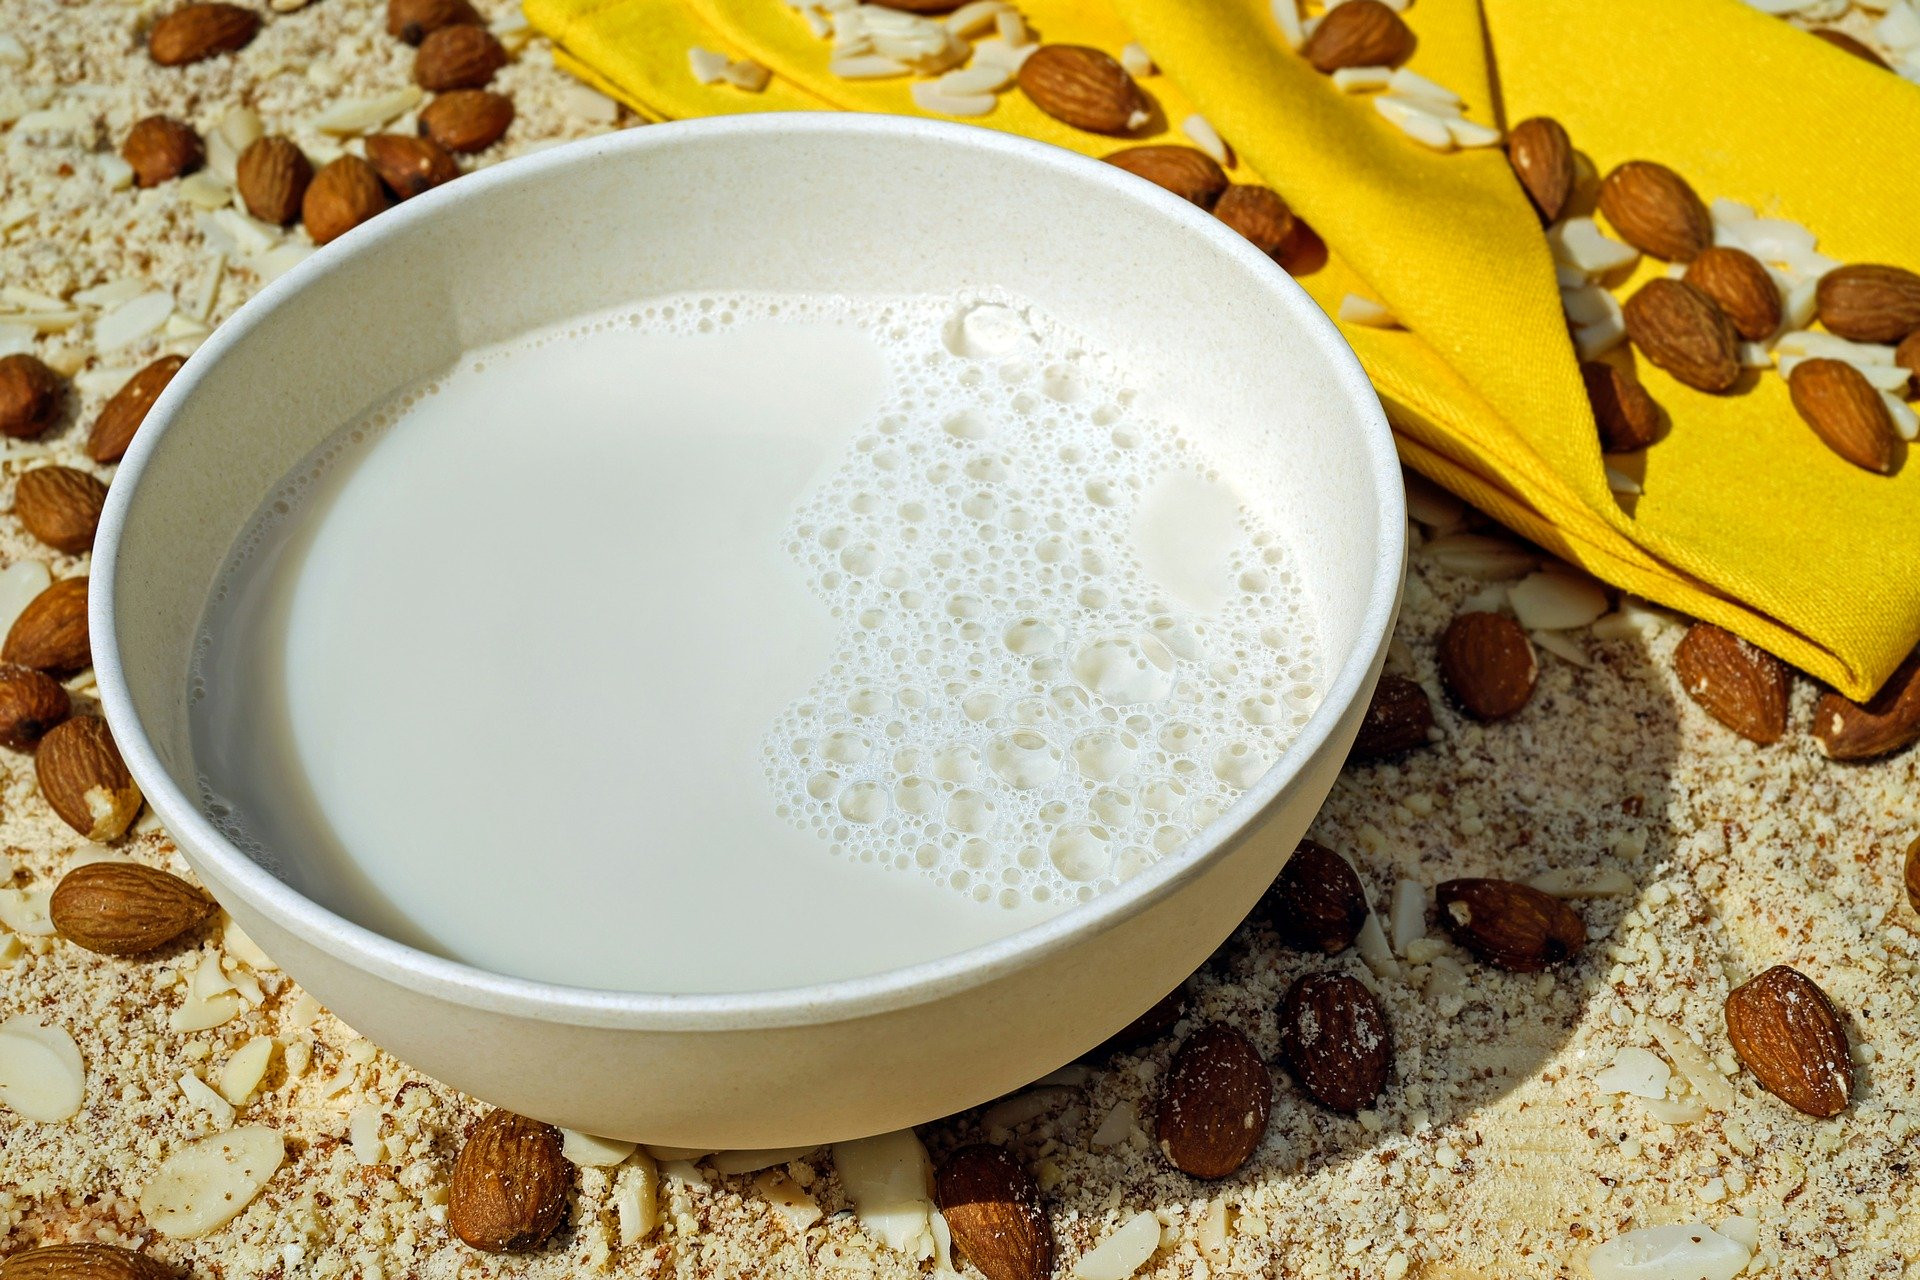 Conseils de Bastien : préparer votre lait végétal maison